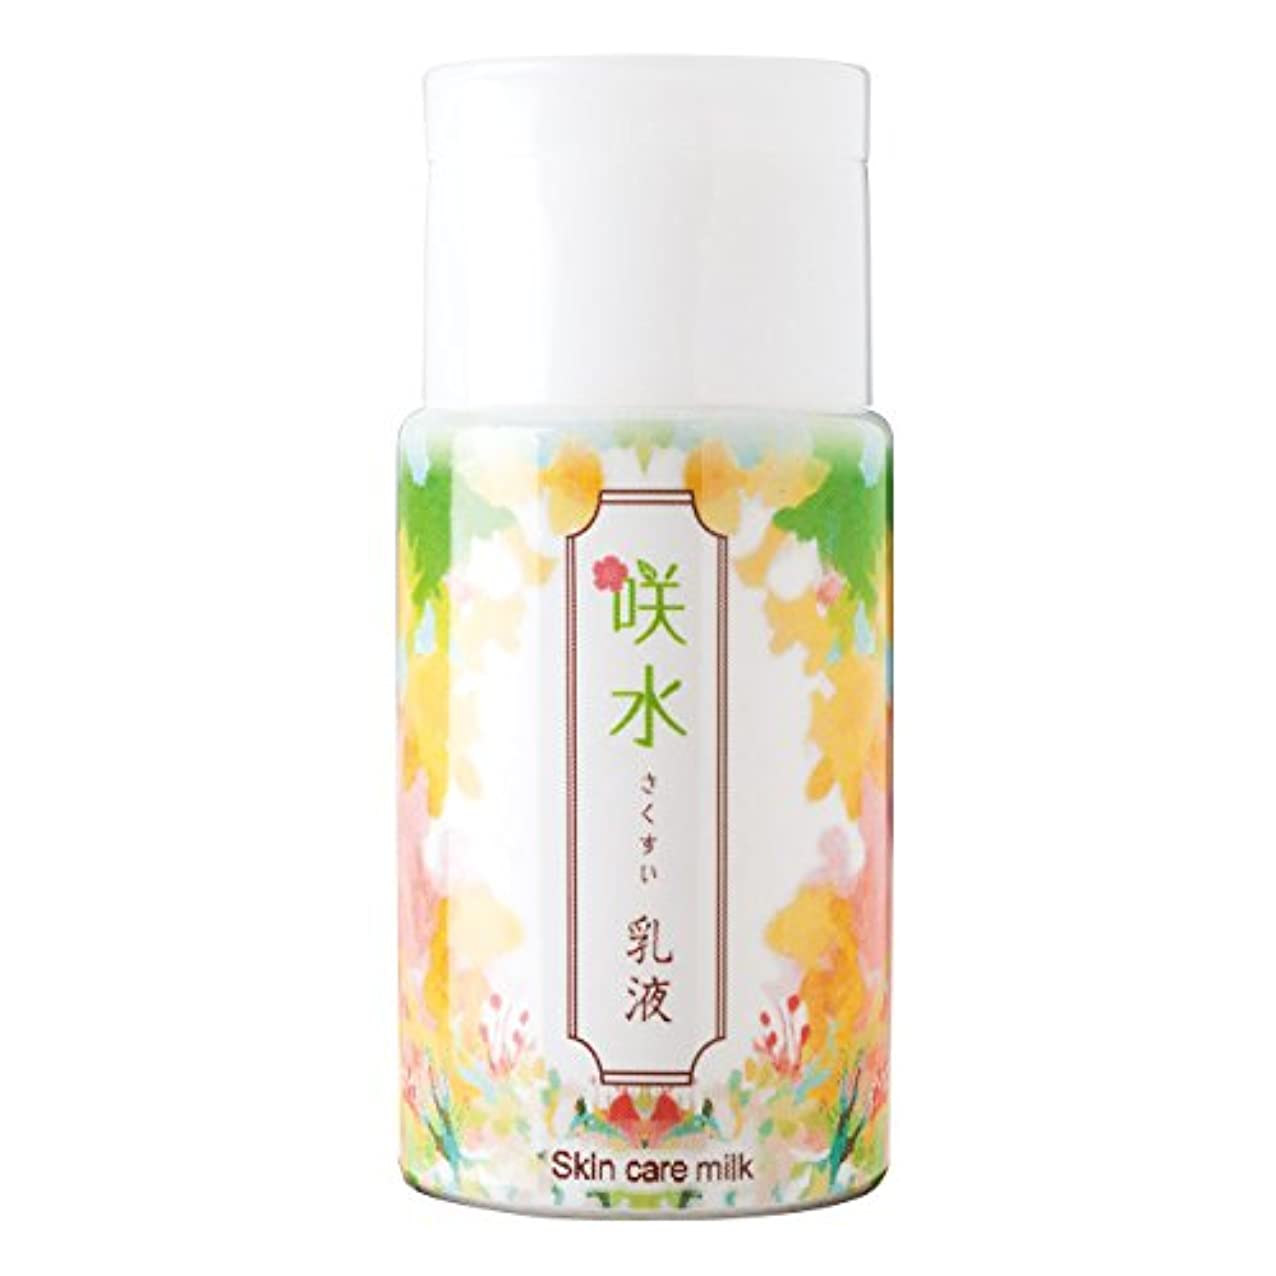 咲水 スキンケア乳液 100ml リバテープ製薬 日本製 スイゼンジノリ サクラン 乾燥 肌 顔 フェイス